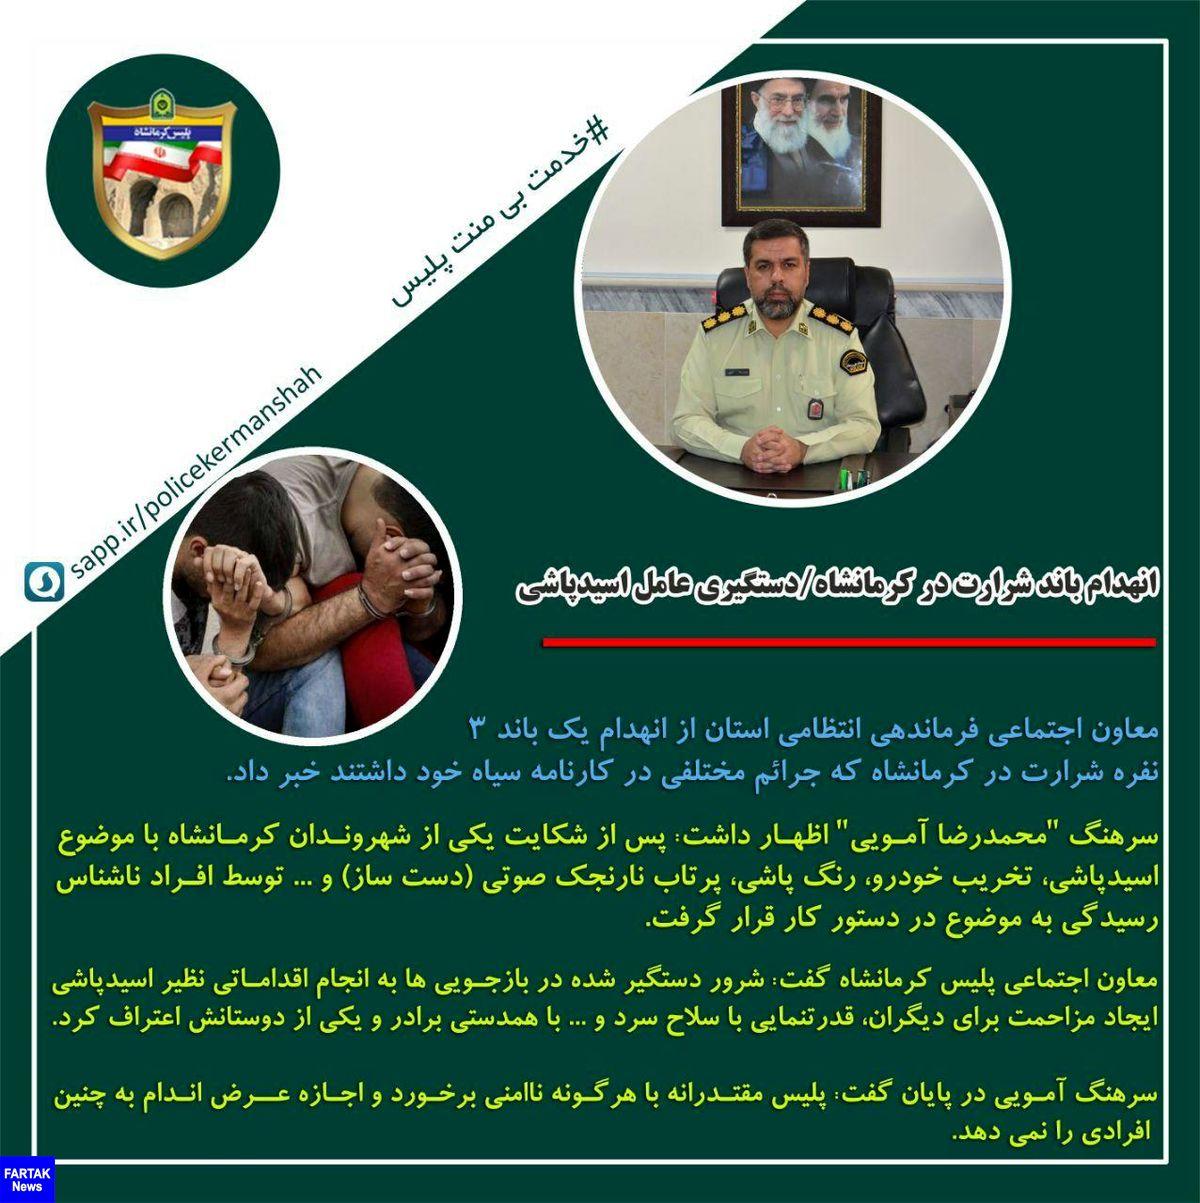   انهدام باند شرارت در کرمانشاه/دستگیری عامل اسیدپاشی